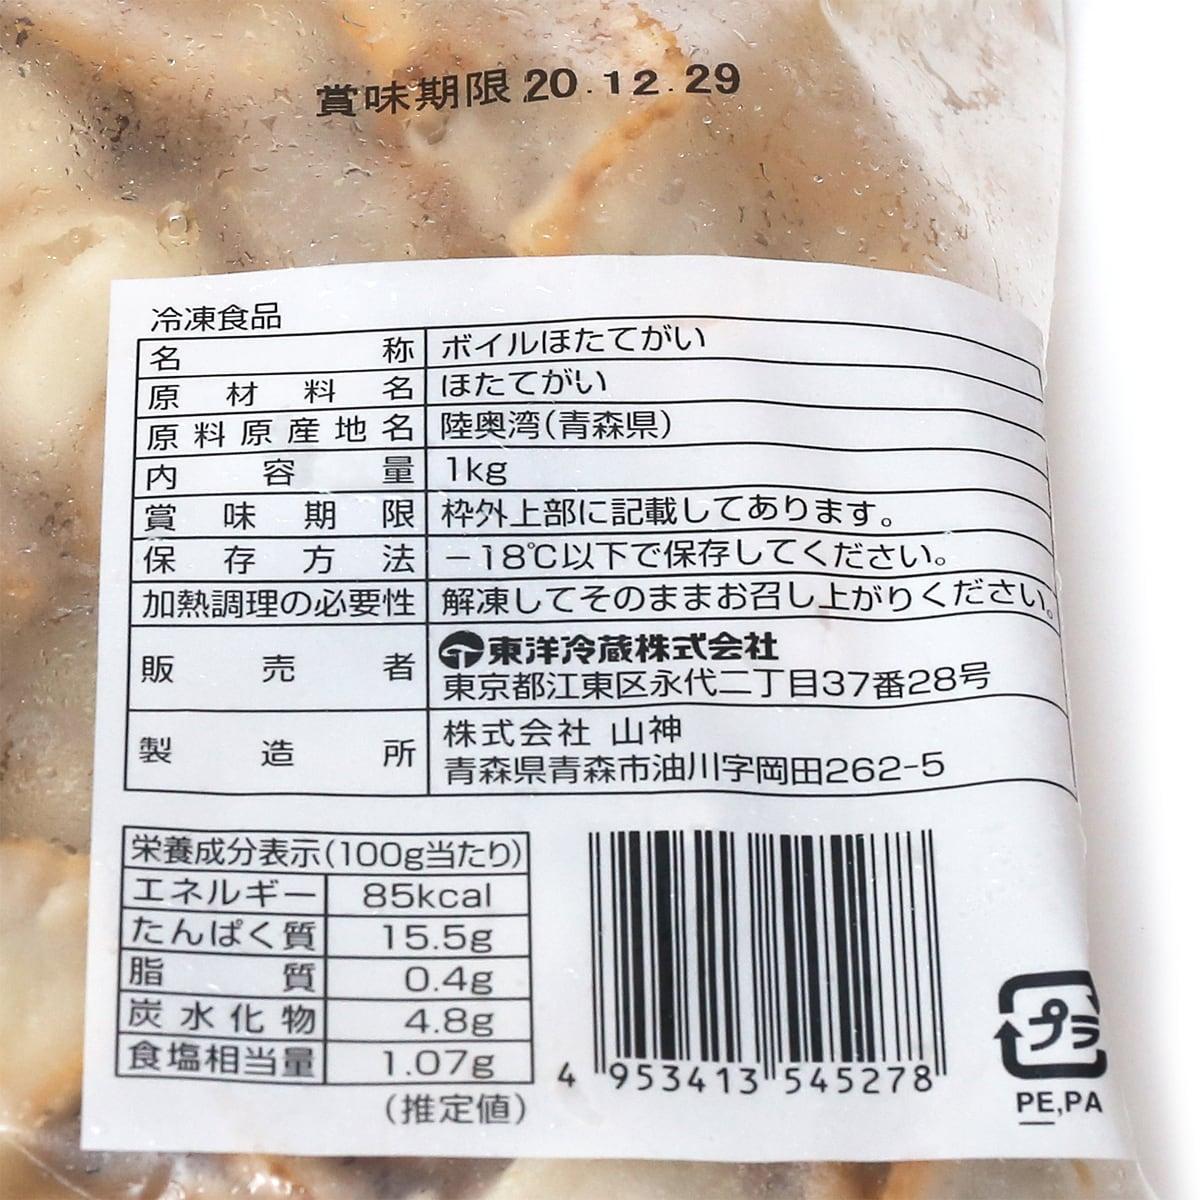 ボイルベビーホタテ 1kg 商品ラベル(原材料・カロリー・賞味期限ほか)